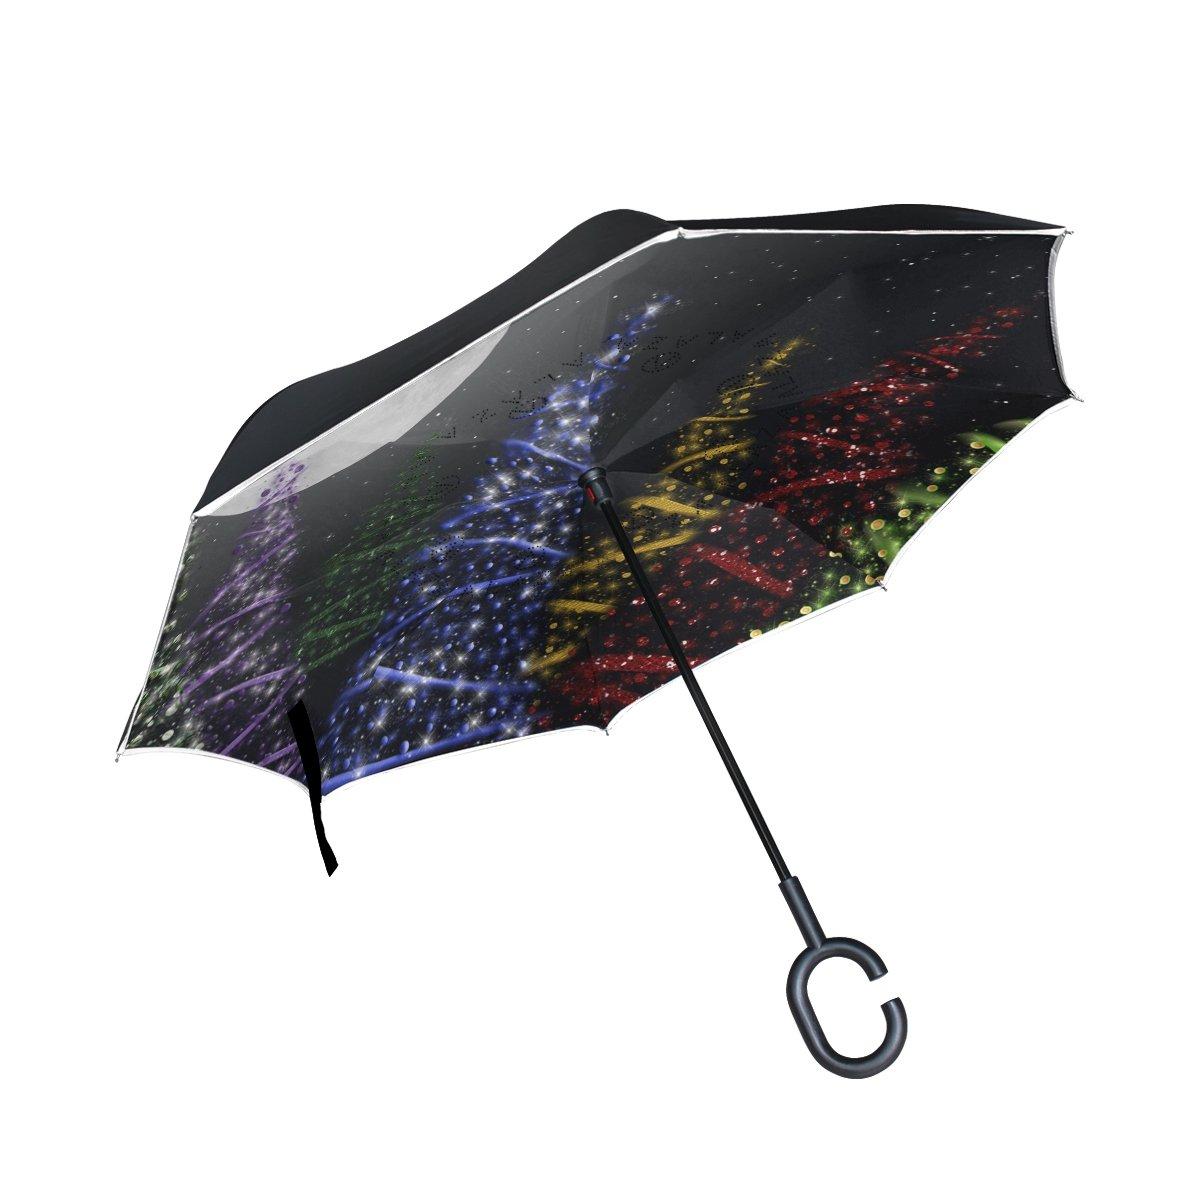 TIZORAX arbres de Noël dans le Moonight inversé double couche droites parapluies sur l'envers réversible Parapluie avec poignée en forme de C pour la pluie Soleil de voiture Utilisation